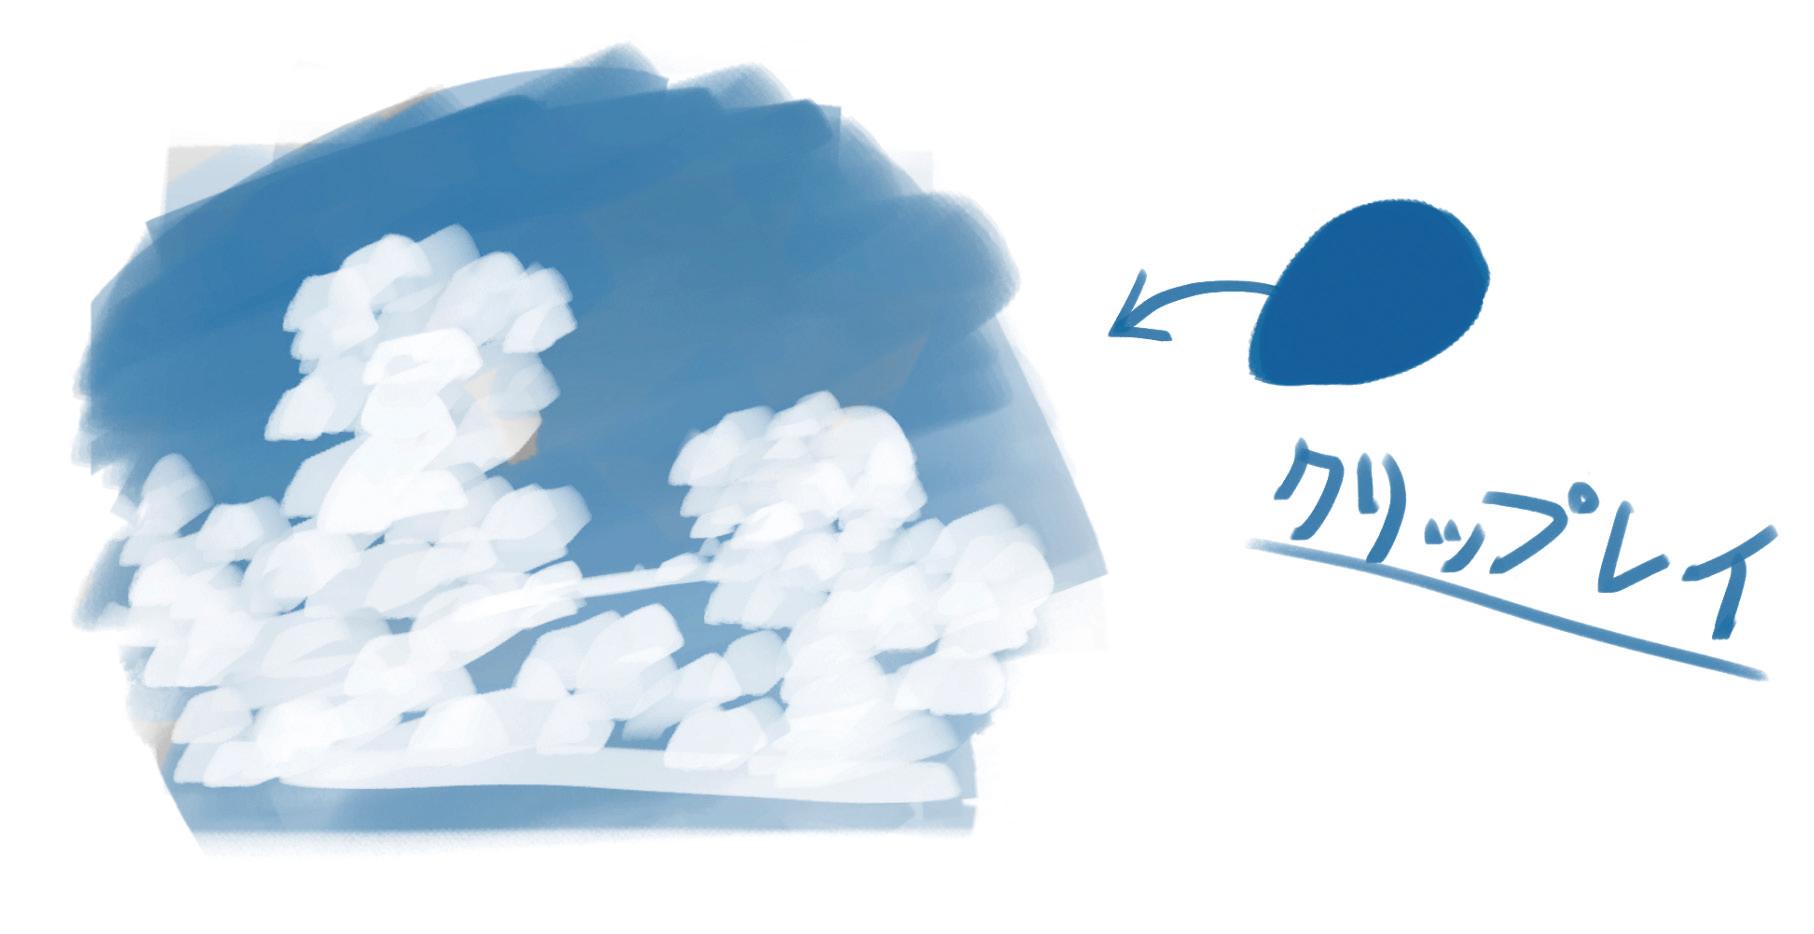 背景講座】空の描き方-基本の雲・夏の雲- | イラスト・マンガ描き方ナビ